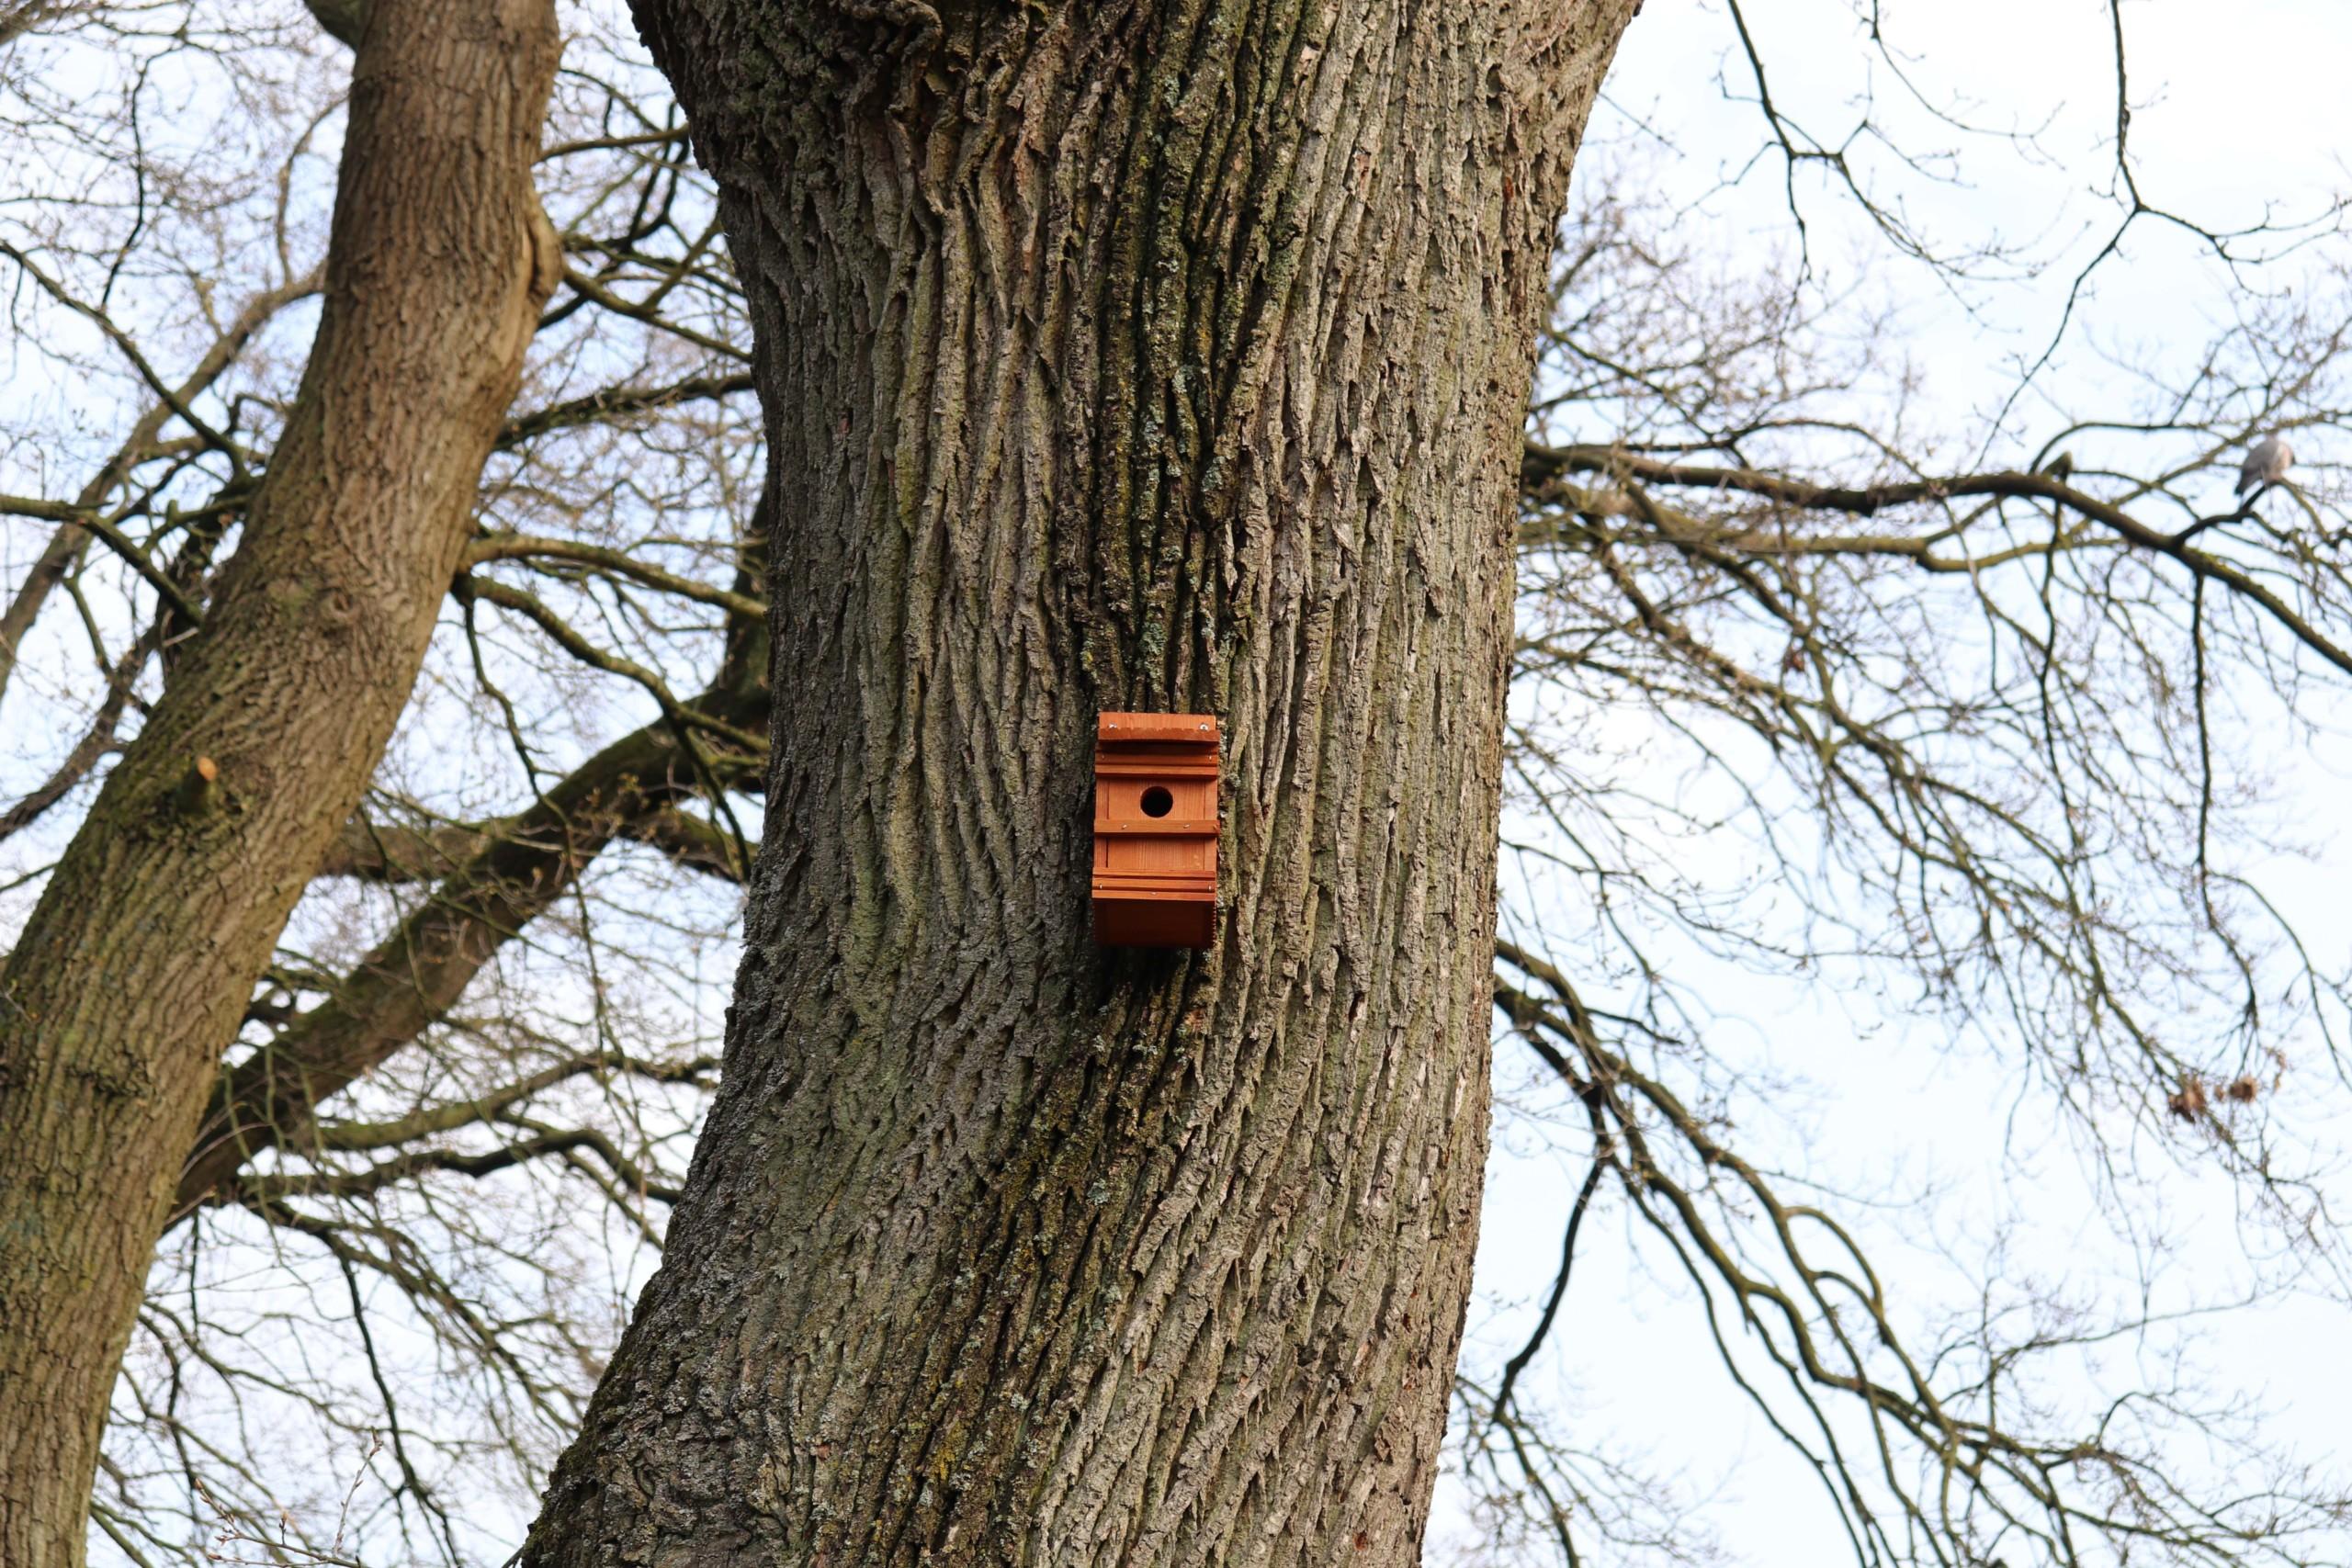 Ein Nistkasten an einem Baum in der Schleusenstraße in Elisabethfehn. Aufnahme: Gemeinde Barßel